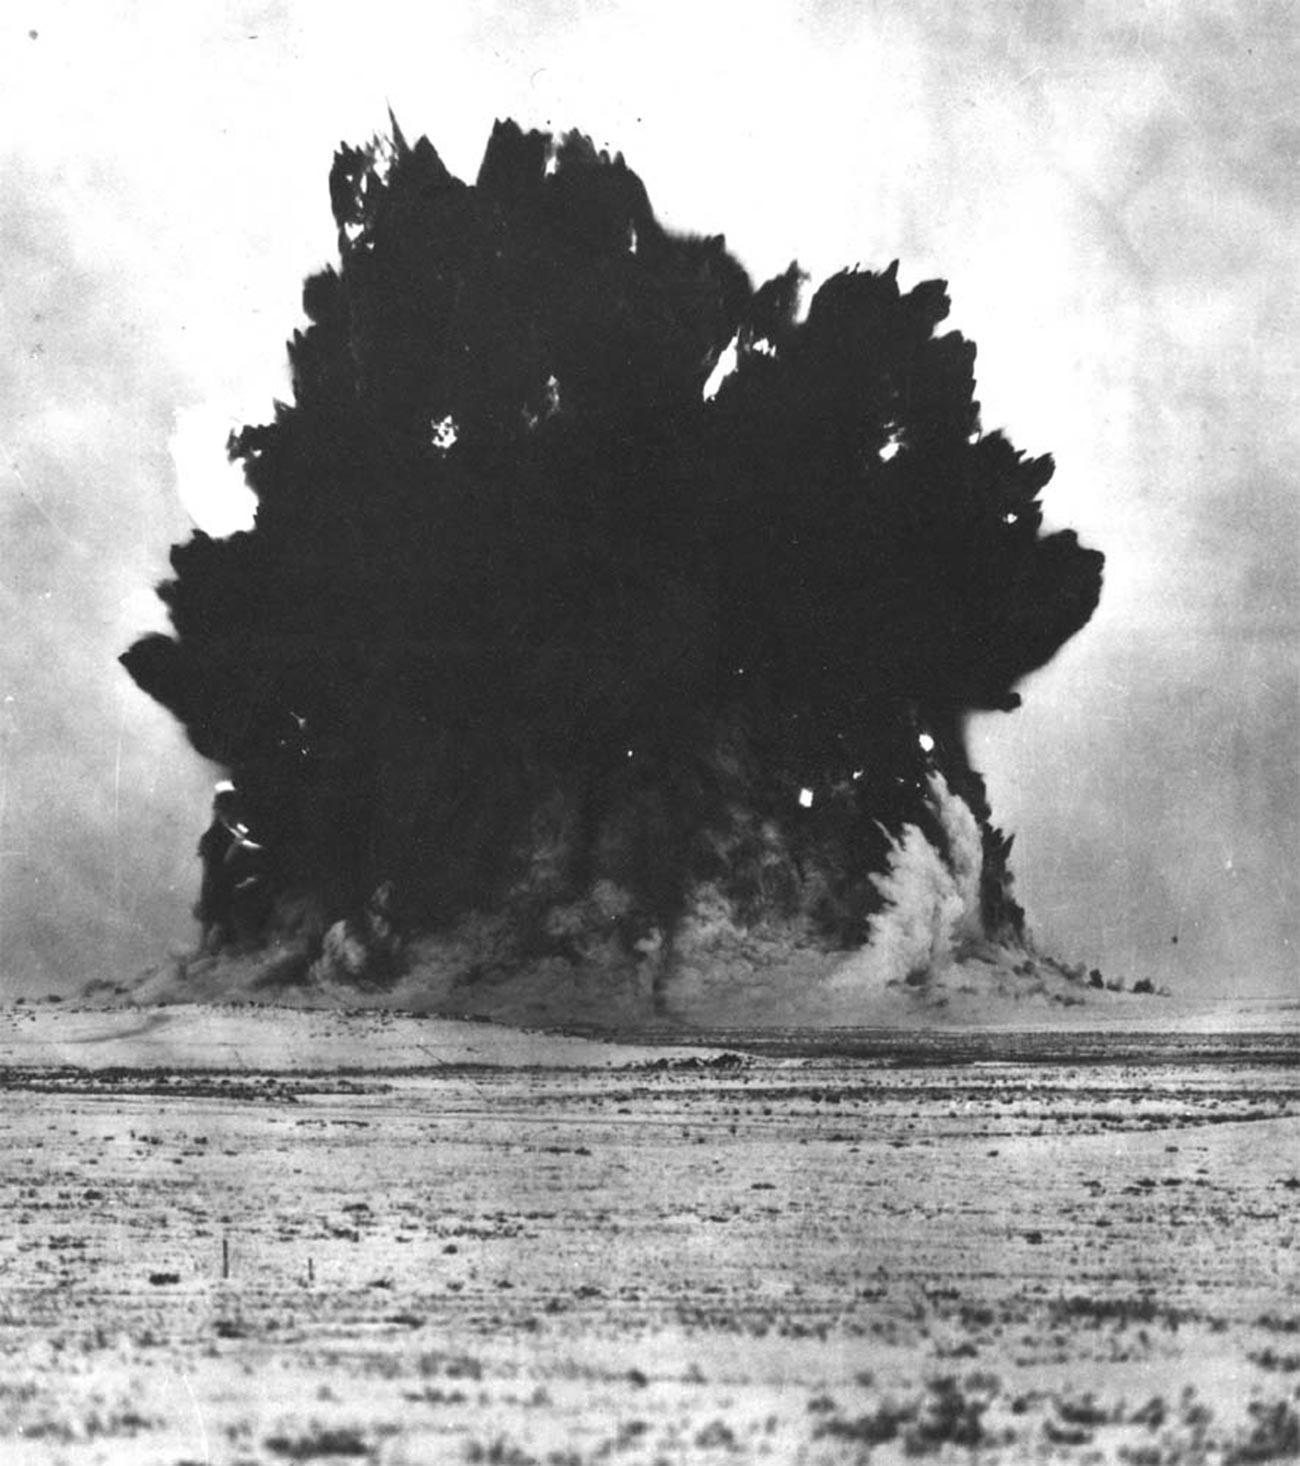 Испытание 1004 — первый советский ядерный взрыв в интересах народного хозяйства.